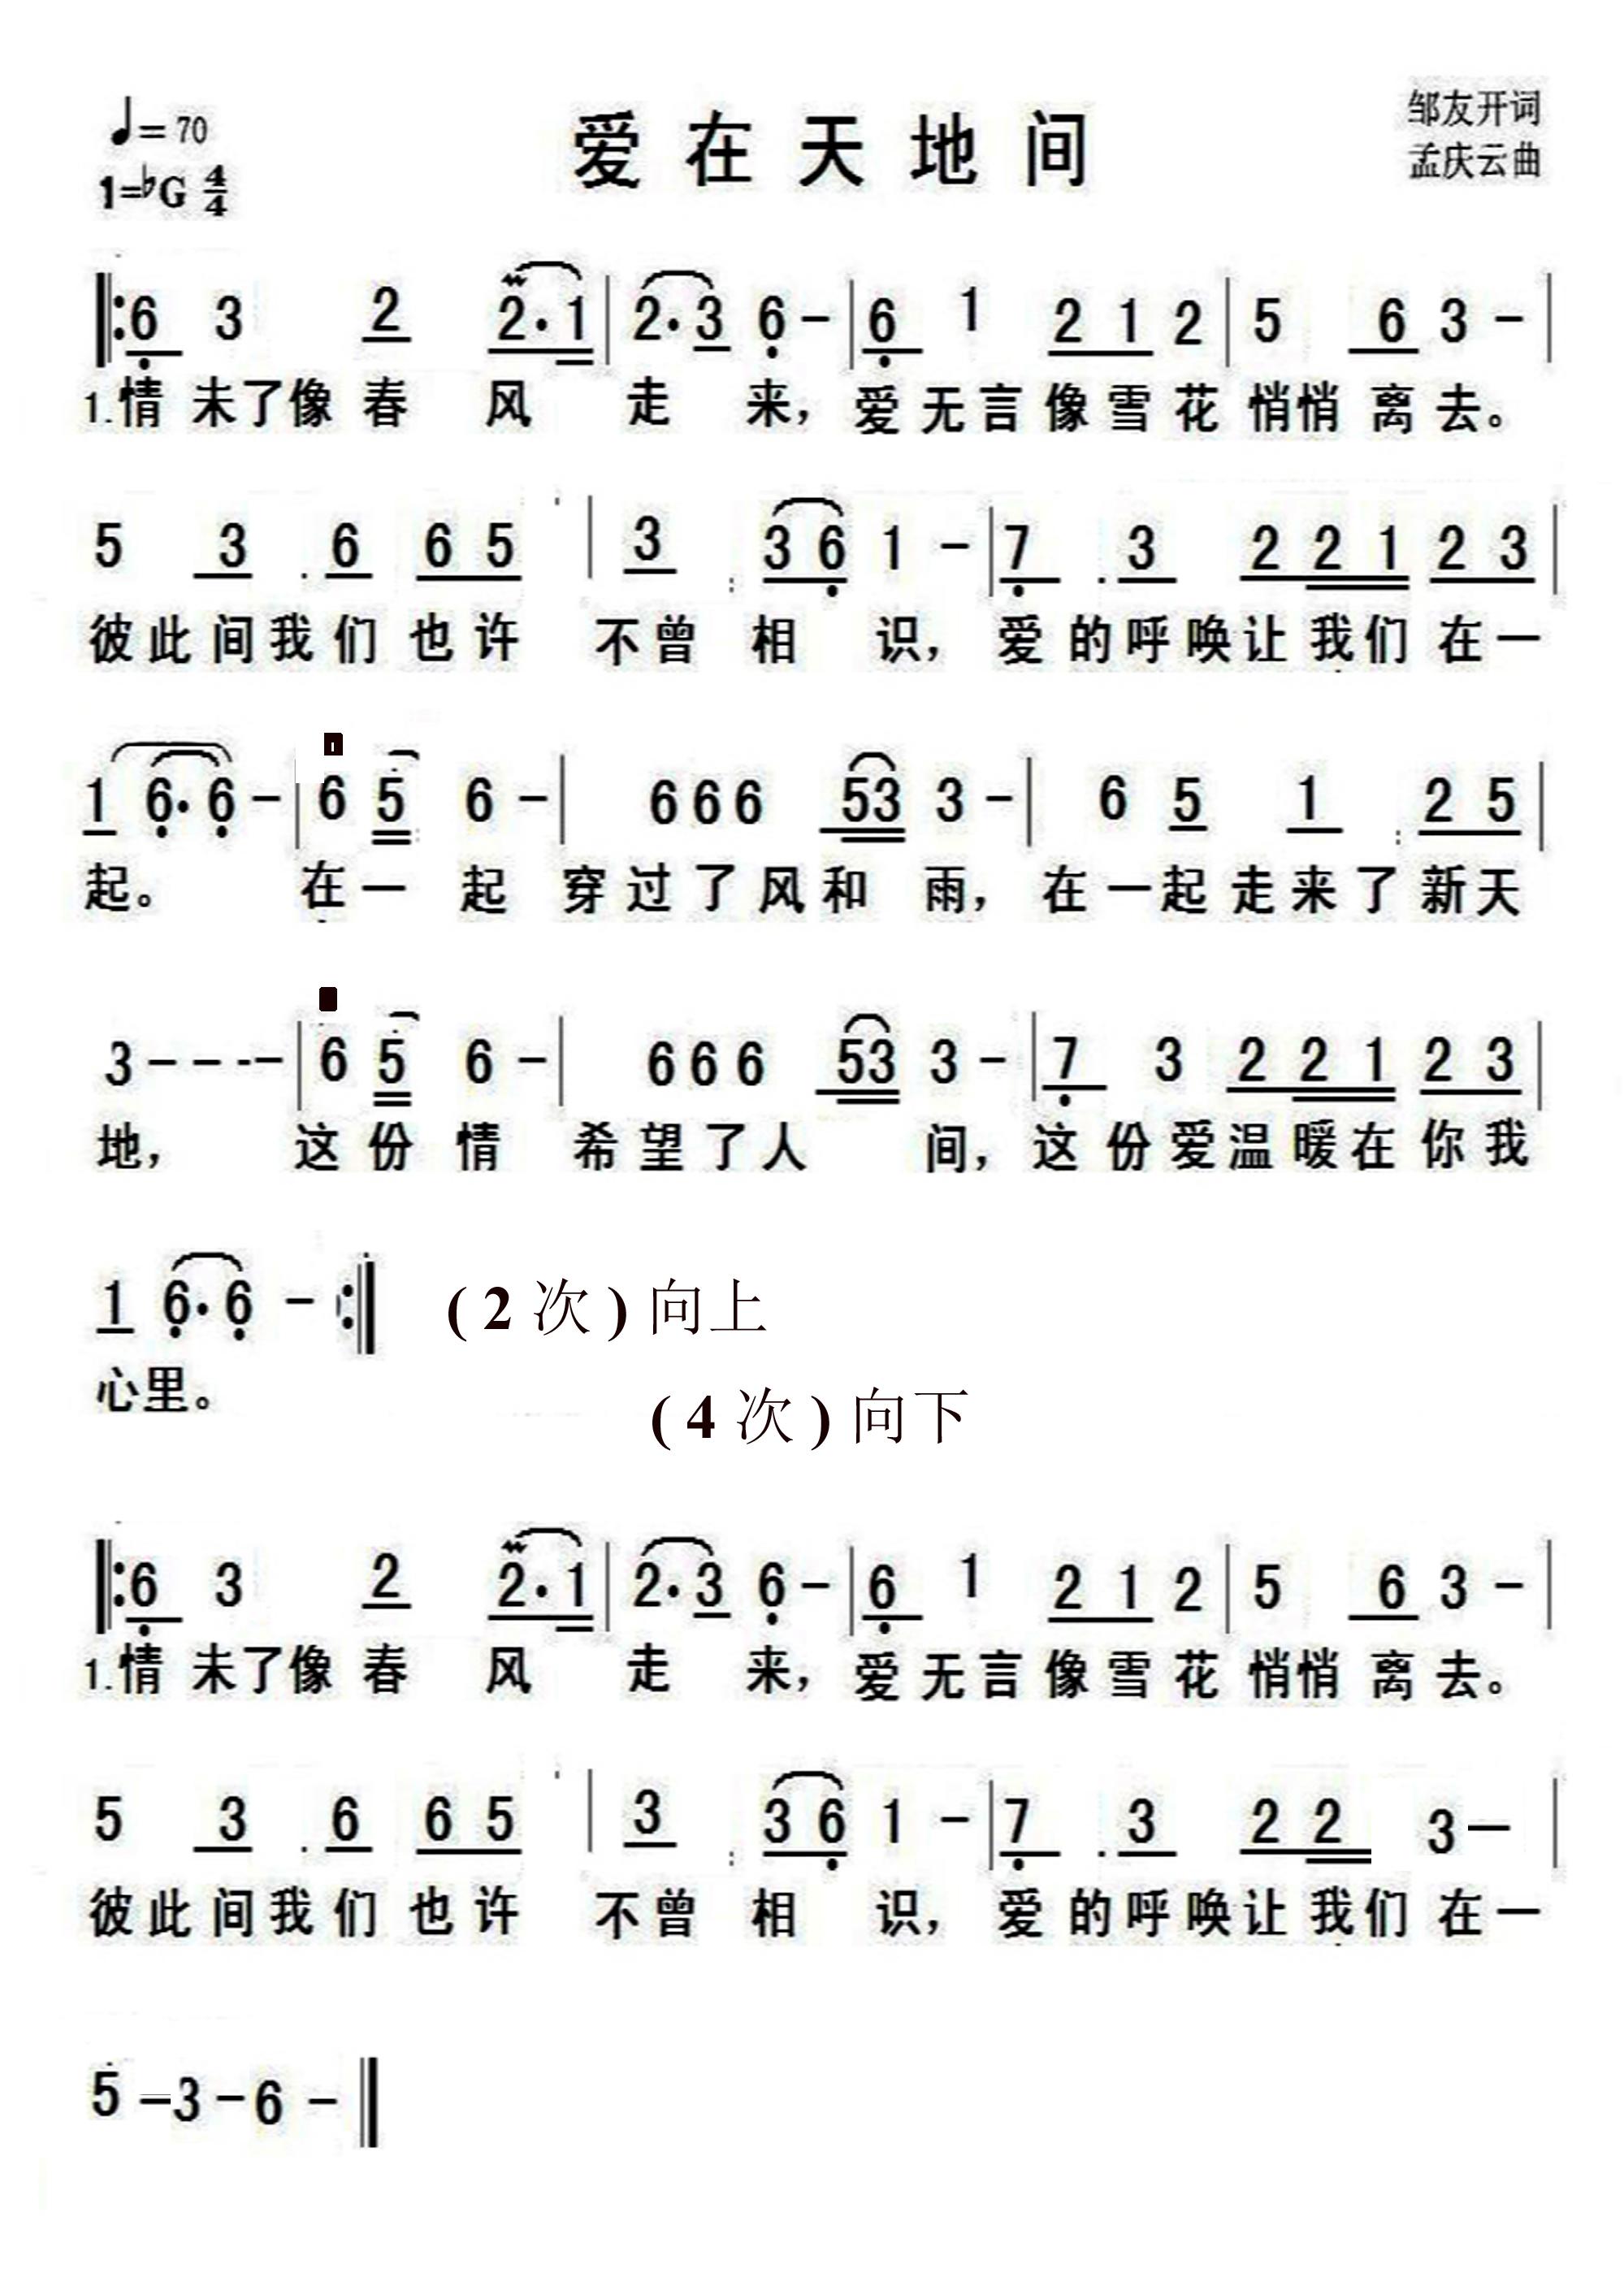 d大调的葫芦丝神话葫芦丝简谱歌曲《美丽的神话》由内地优秀音乐制作